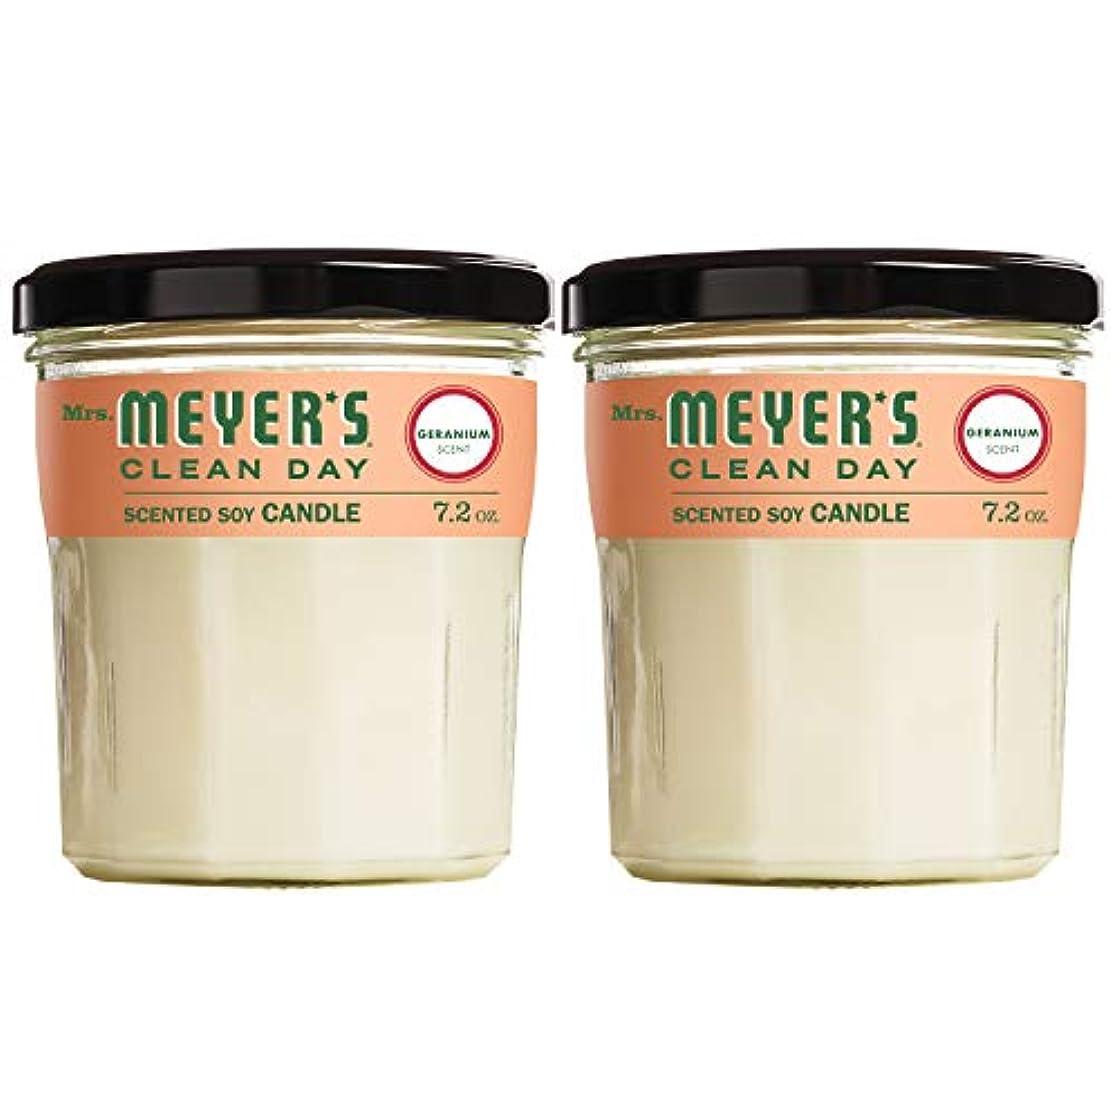 ヒットペルソナなのでMrs。Meyer 's Clean Day香りつきSoy Candle、大きなガラス、ゼラニウム、7.2 Oz